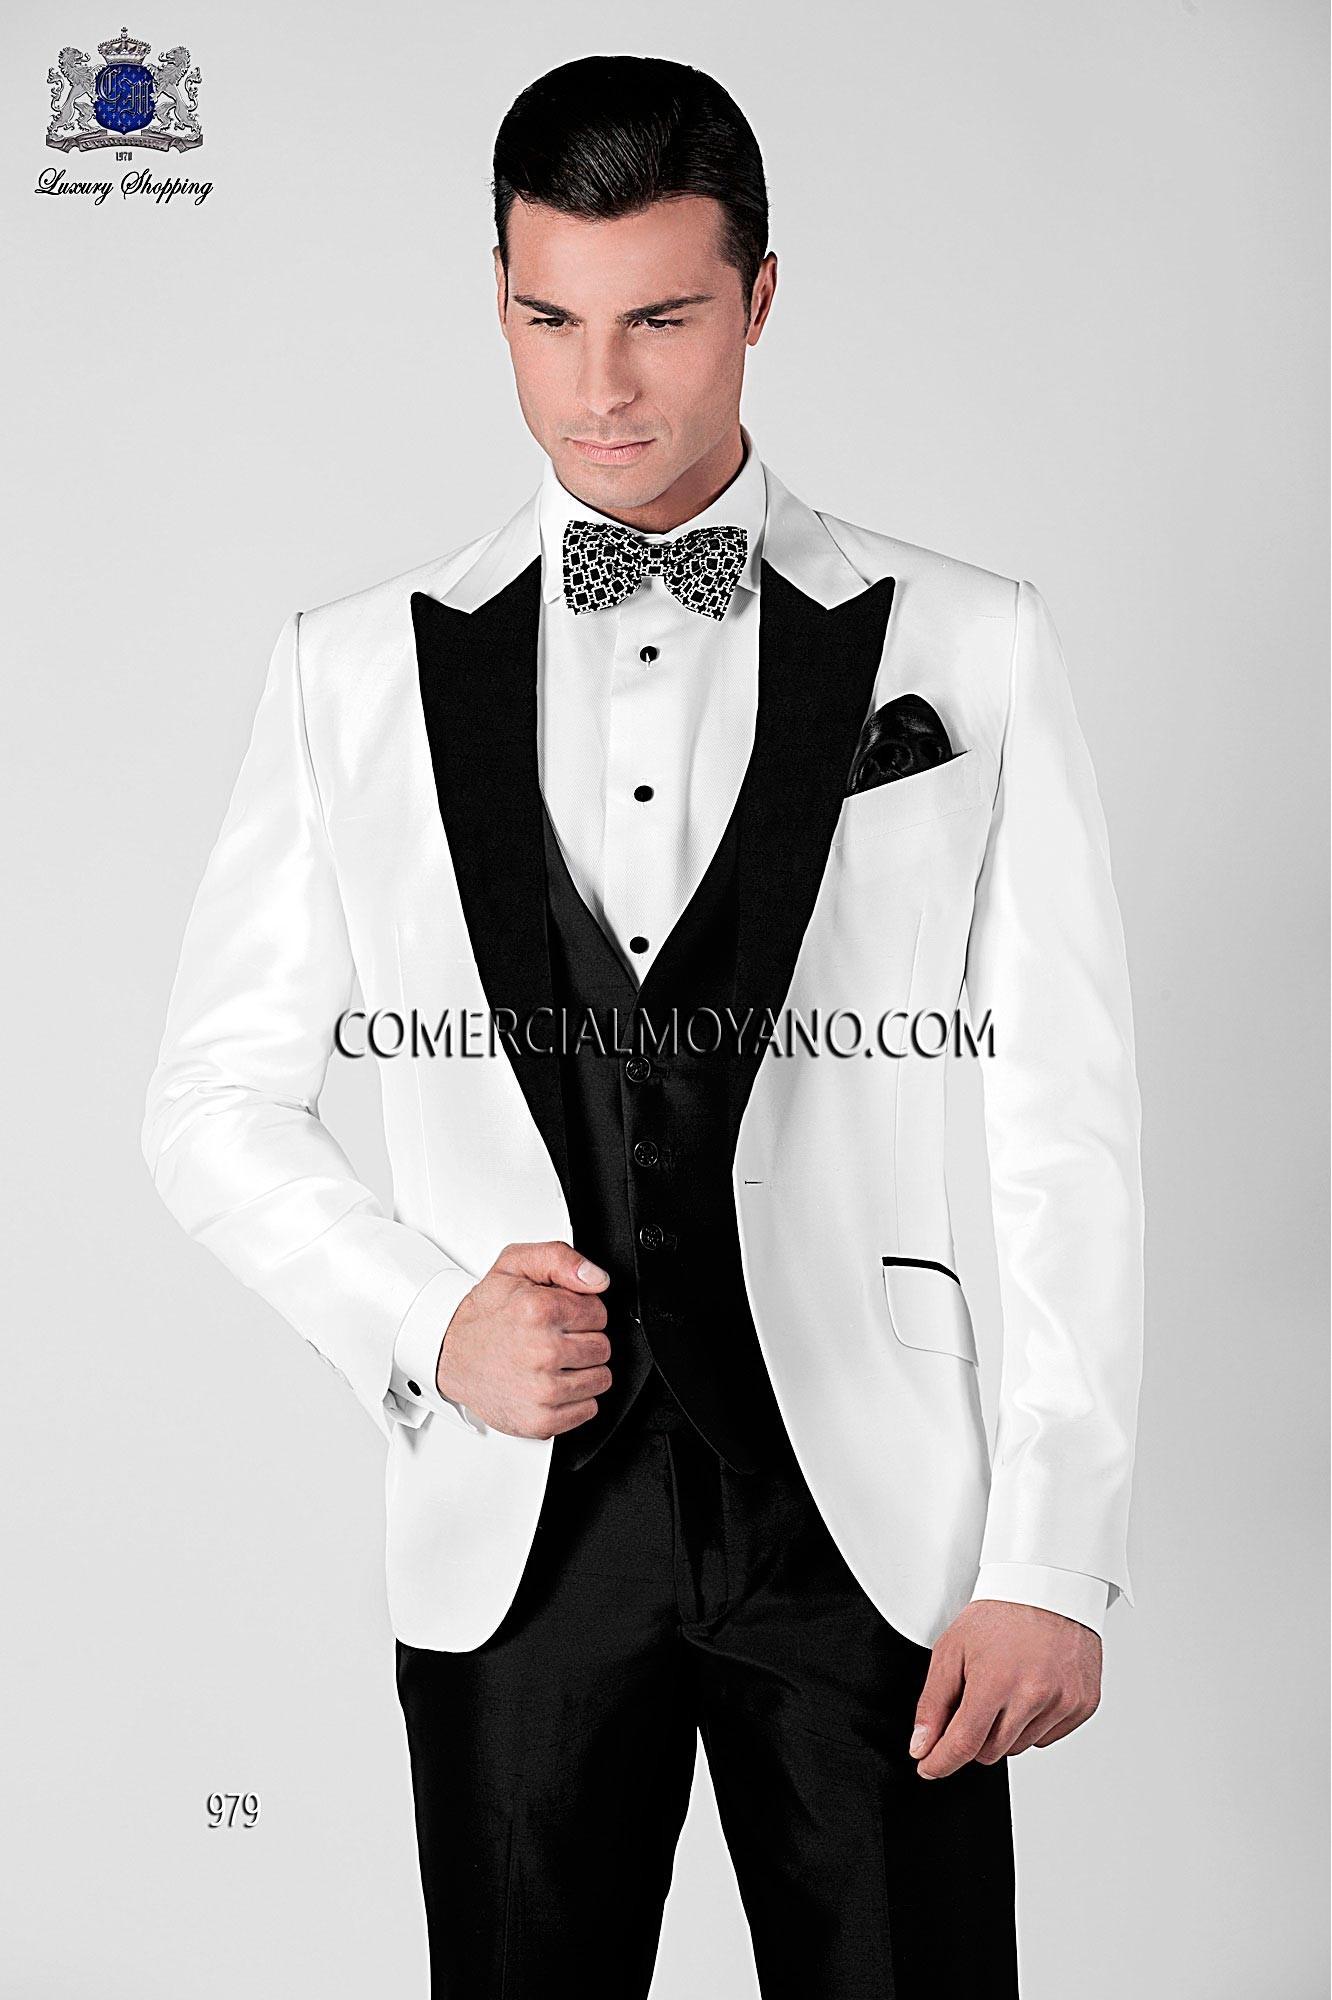 Traje de fiesta hombre blanco modelo: 979 Ottavio Nuccio Gala colección Black Tie